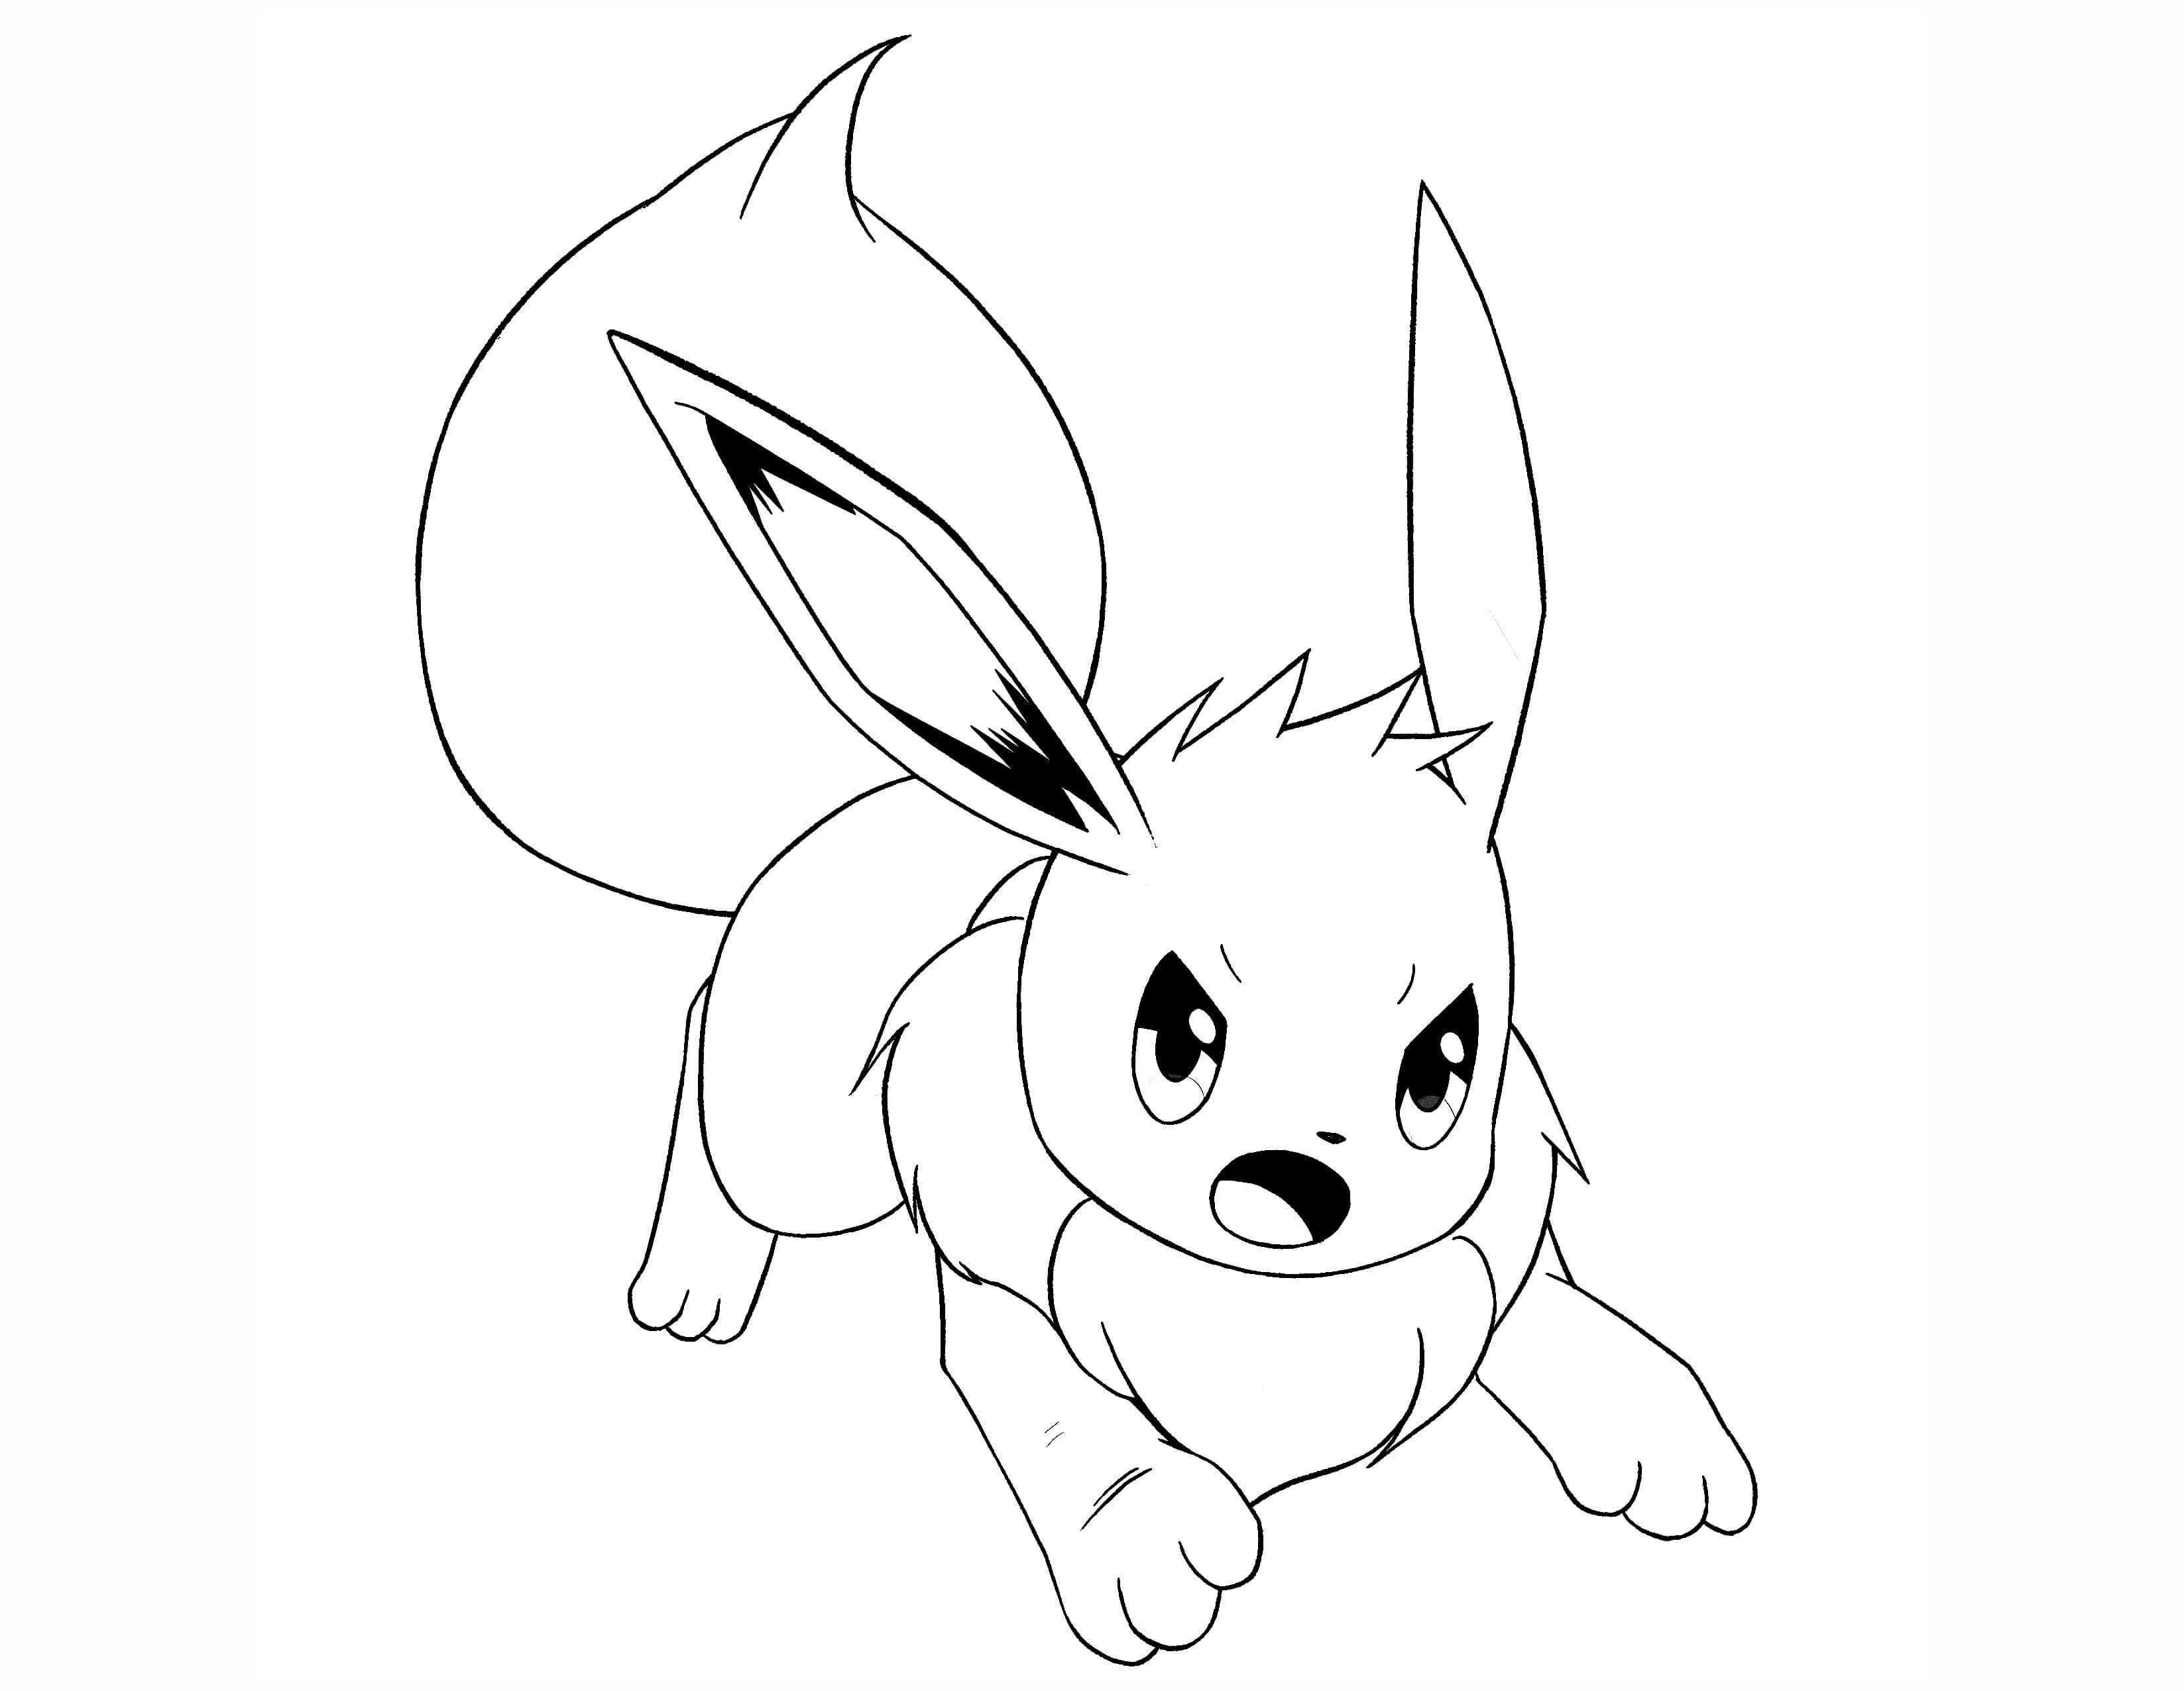 Pokemon Ausmalbilder Kostenlos Neu Espeon Coloring Pages Unique Bildergalerie & Bilder Zum Ausmalen Bilder